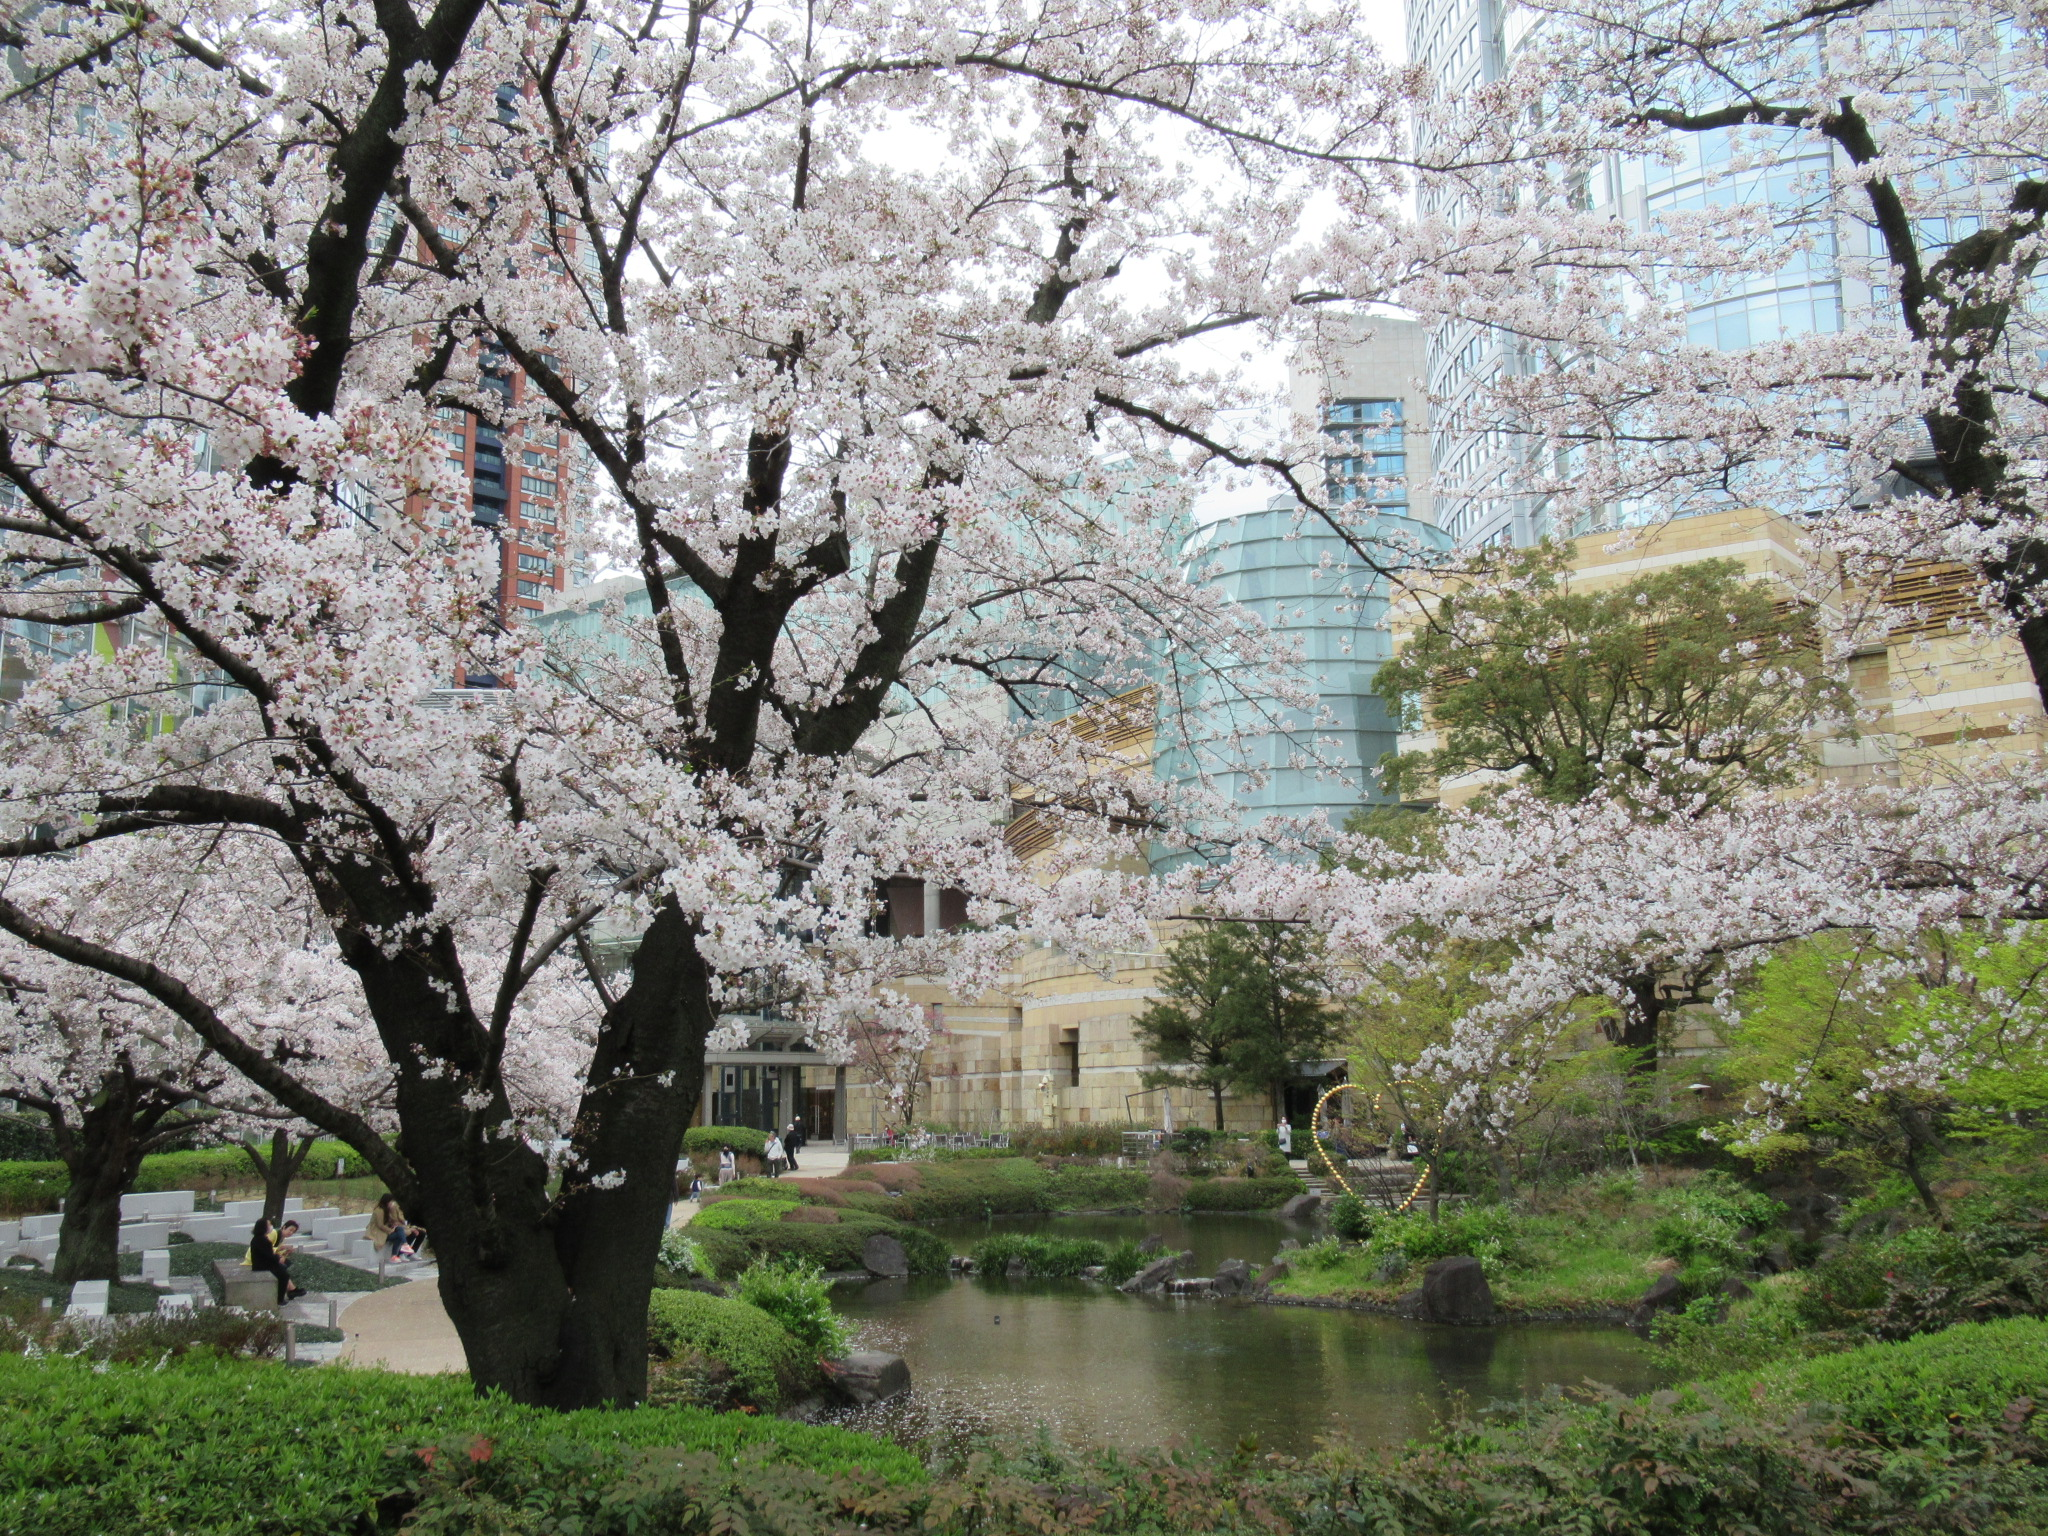 六本木 毛利庭園の桜